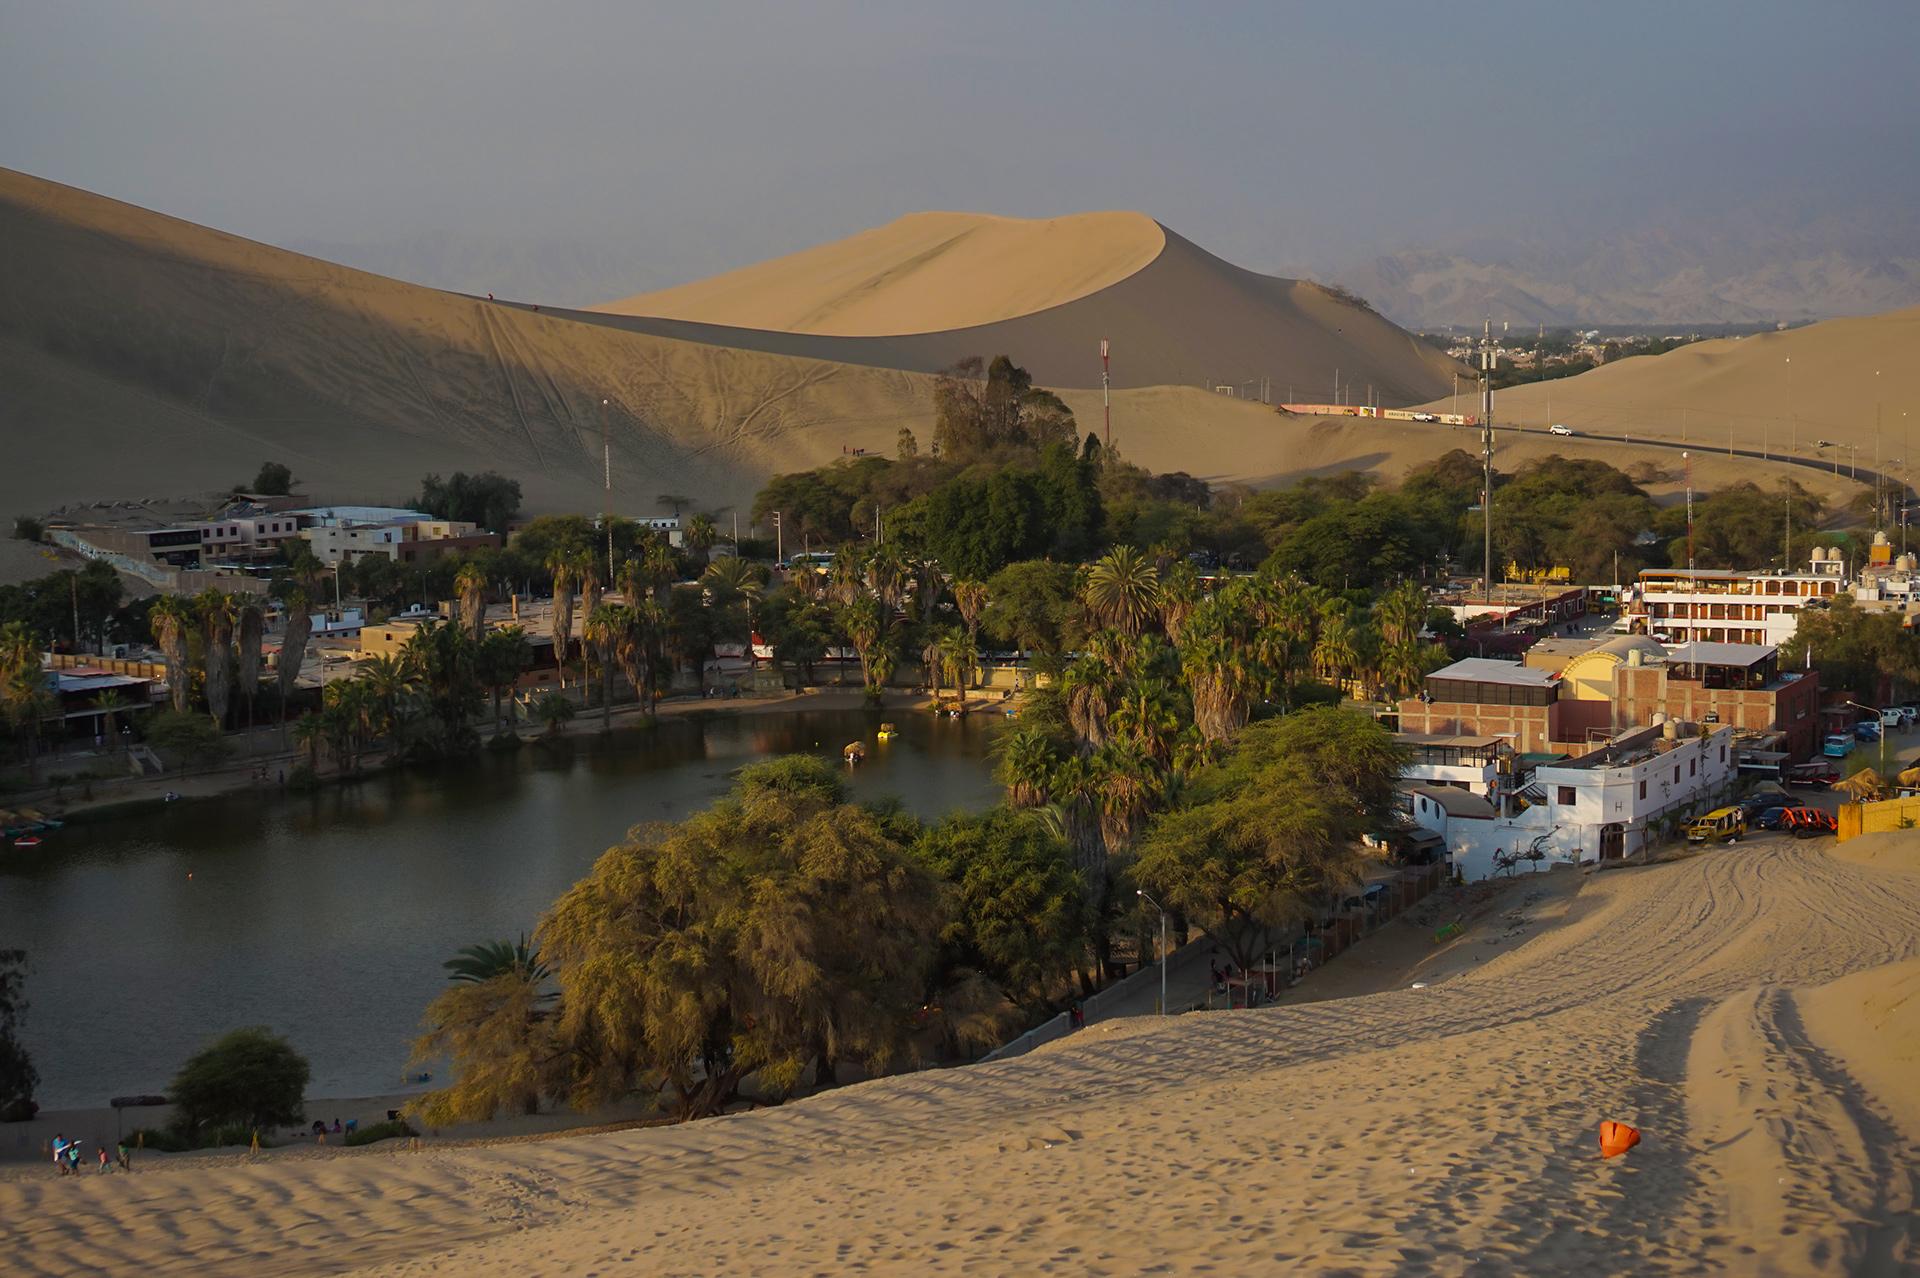 Désert et oasis d'Ica